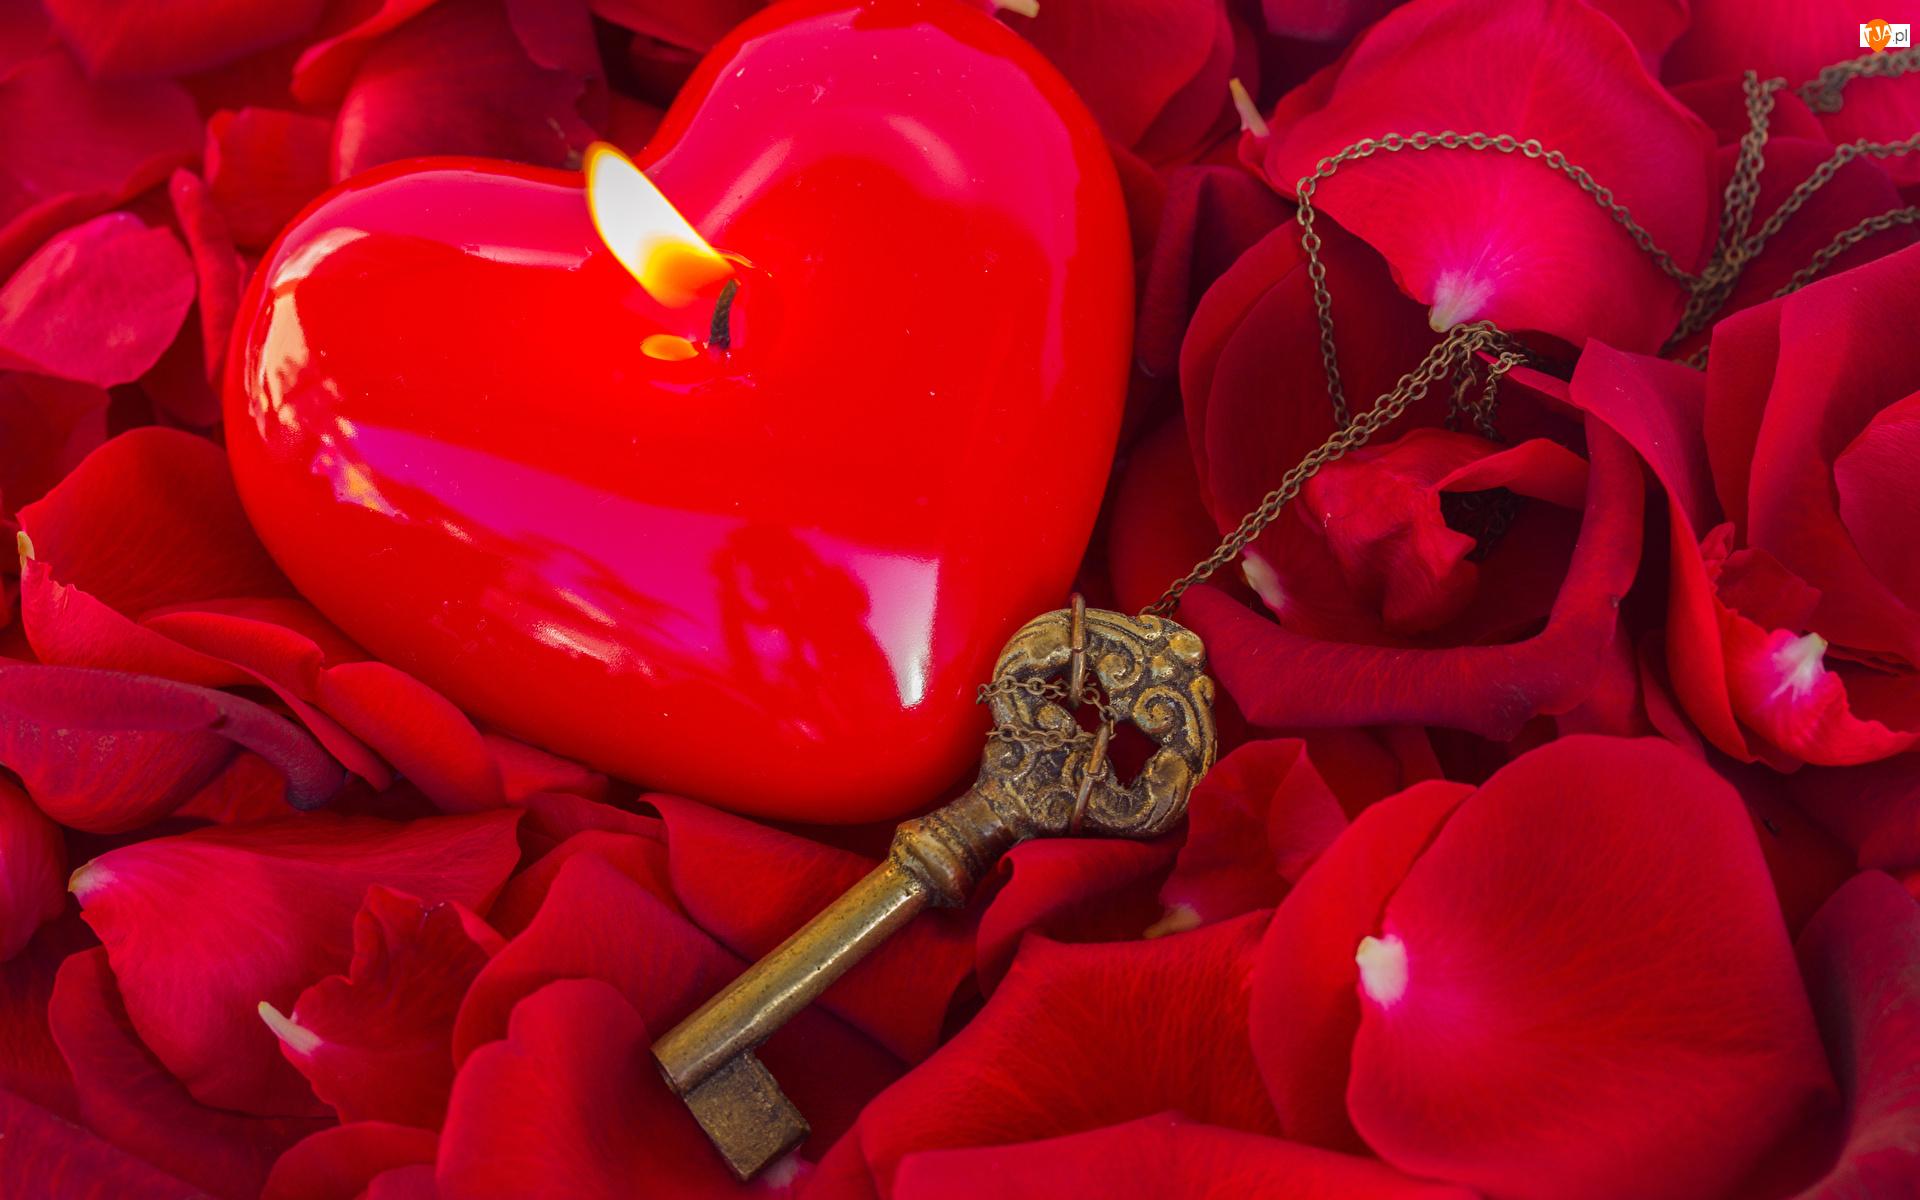 Kwiaty, Płatki, Klucz, Walentynki, Serduszko, Świeczka, Róż